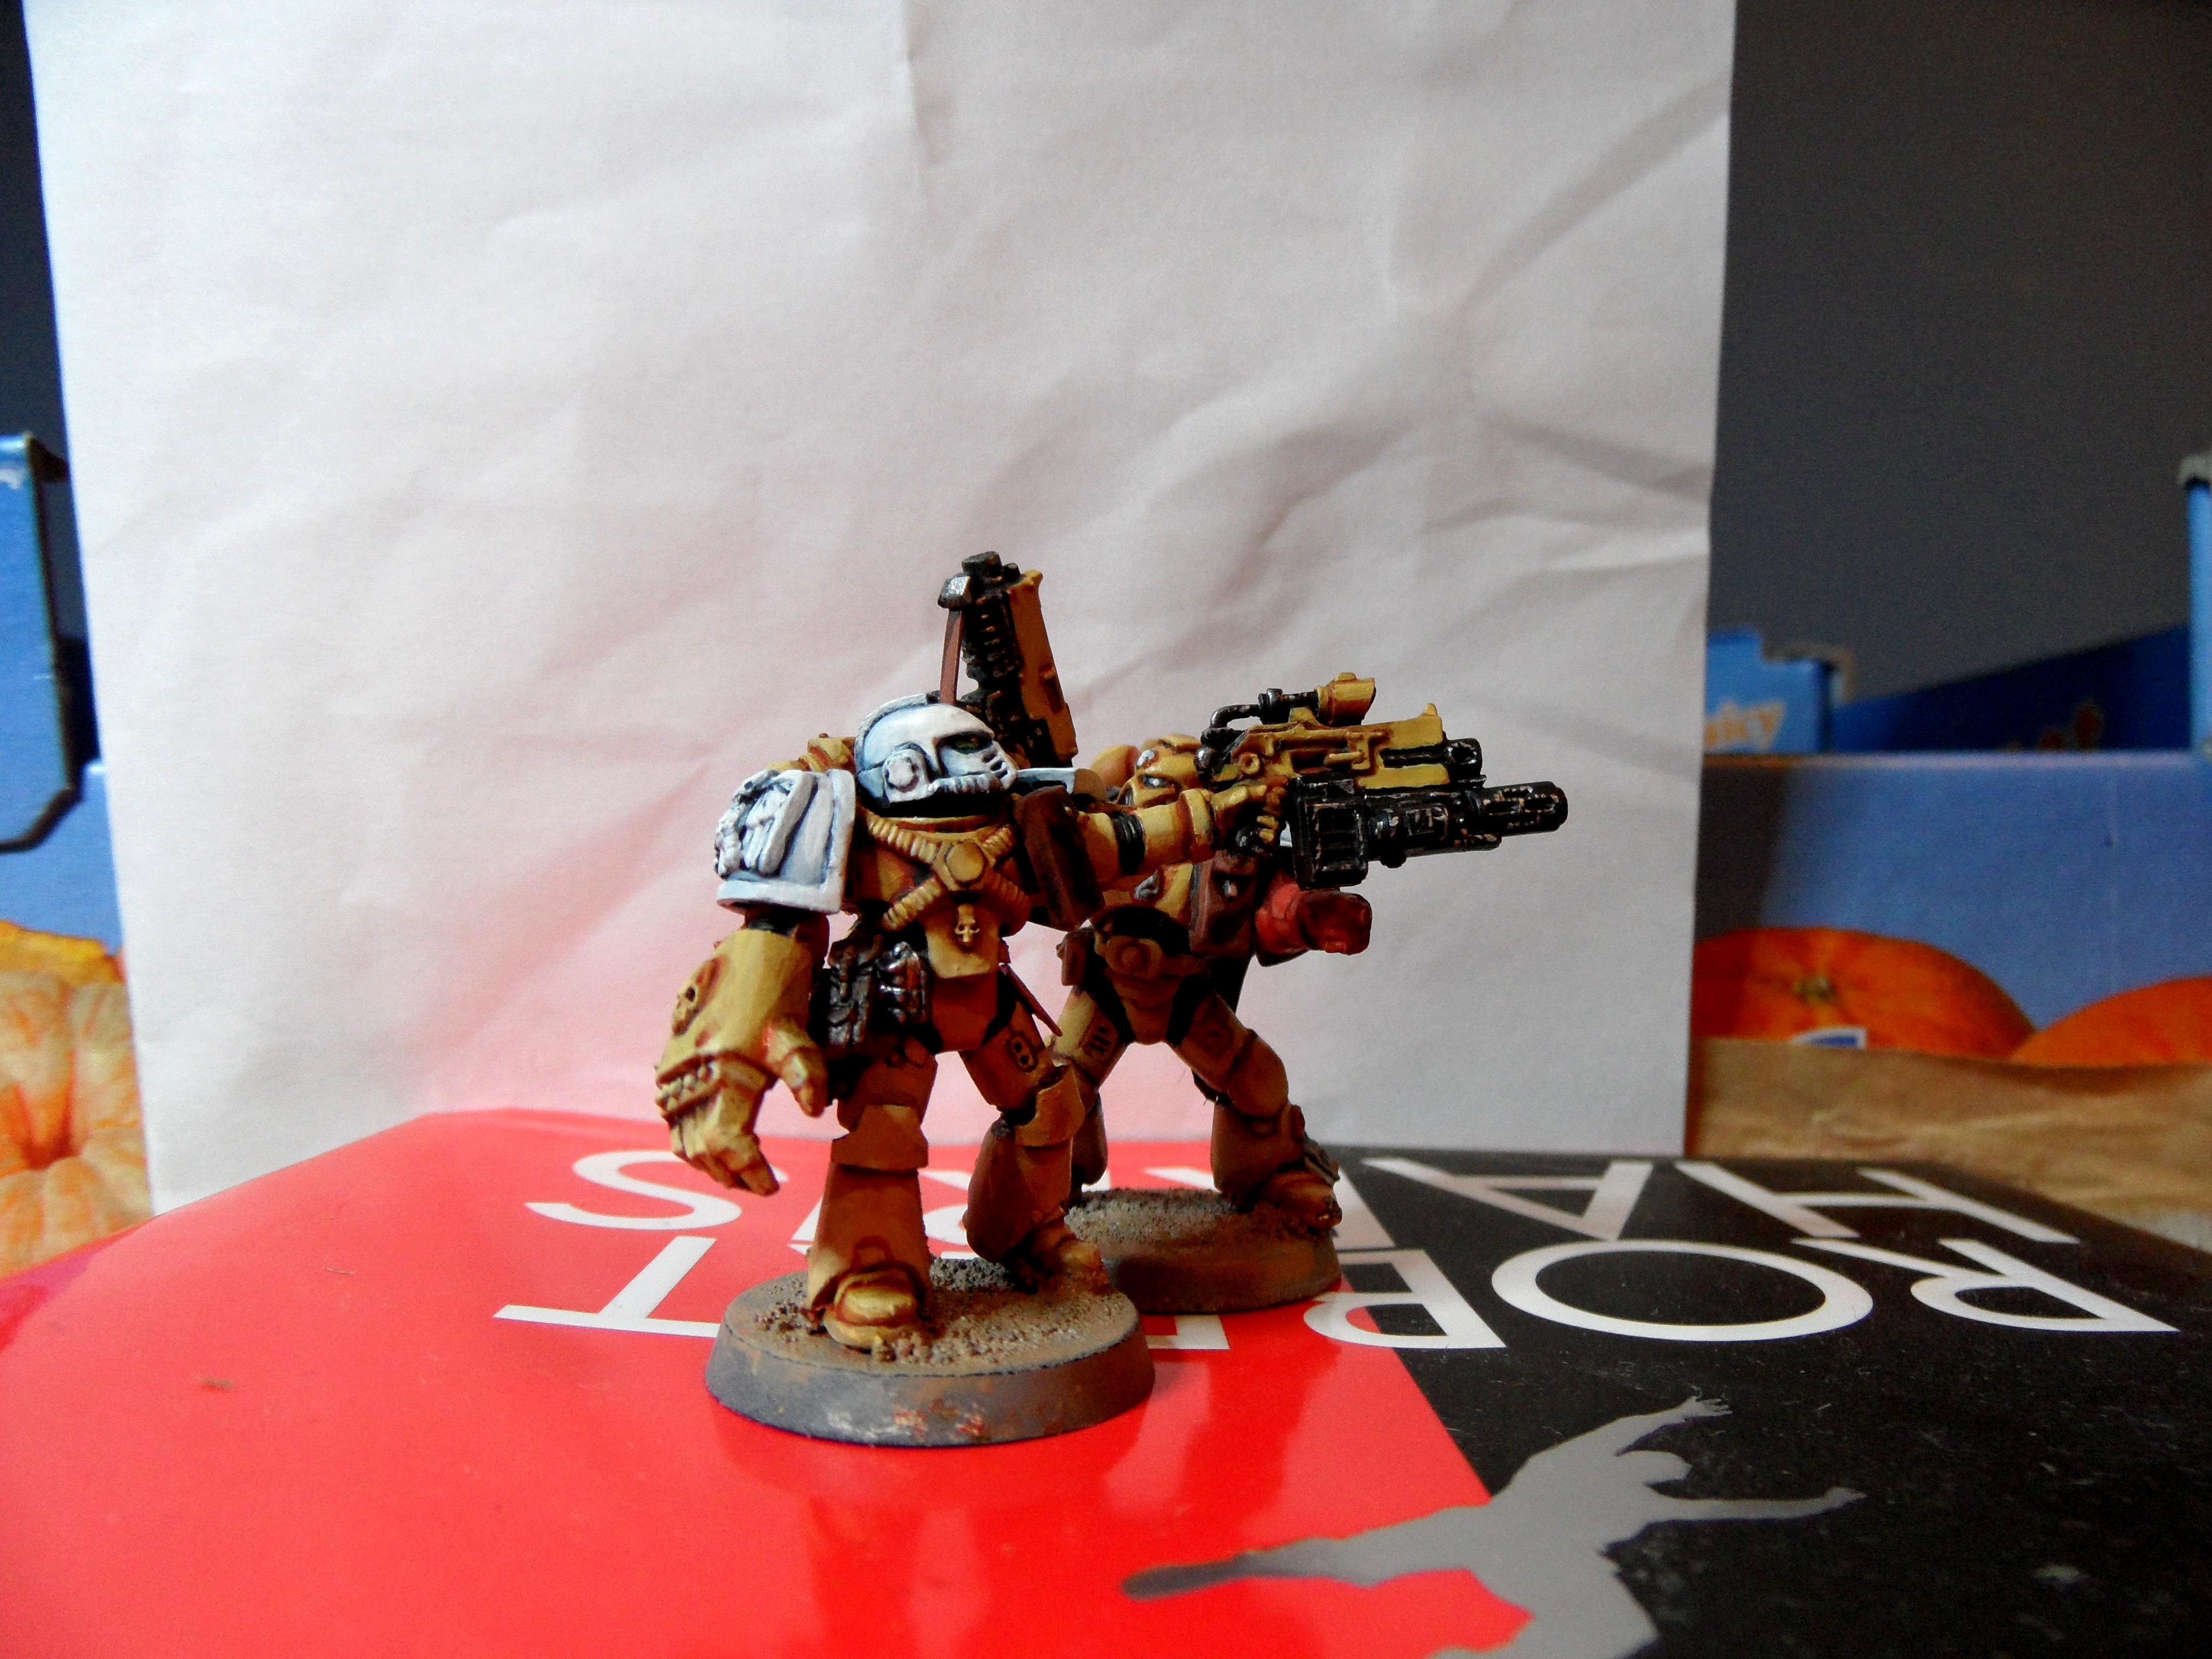 Space Marines, Sternguard, Veteran